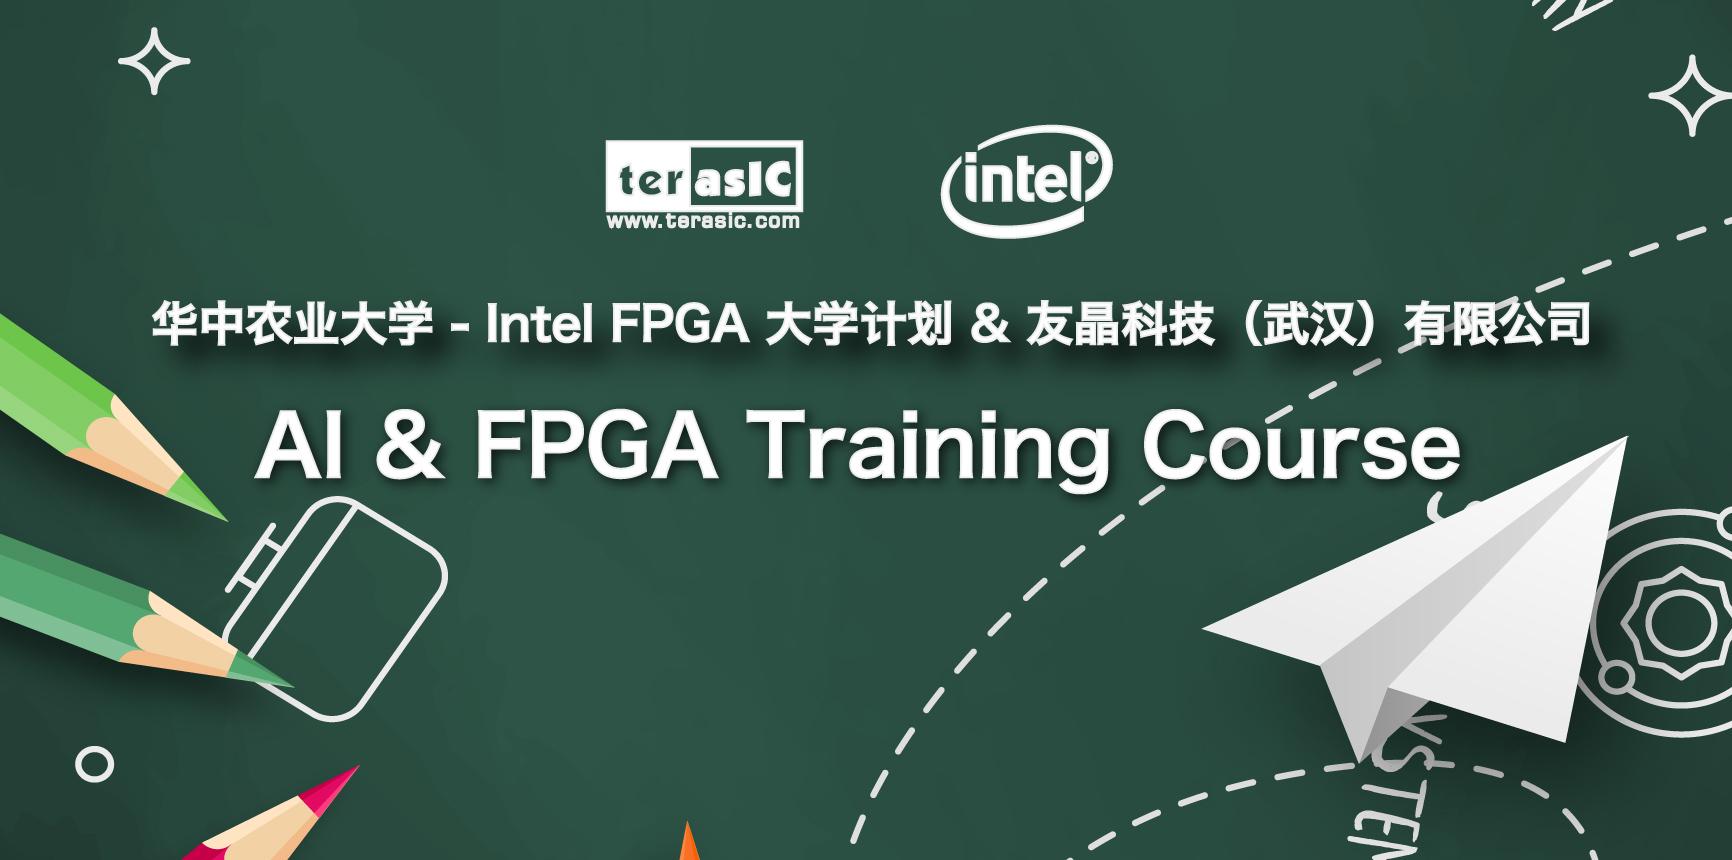 AI & FPGA Innovate Training Course 在线报名